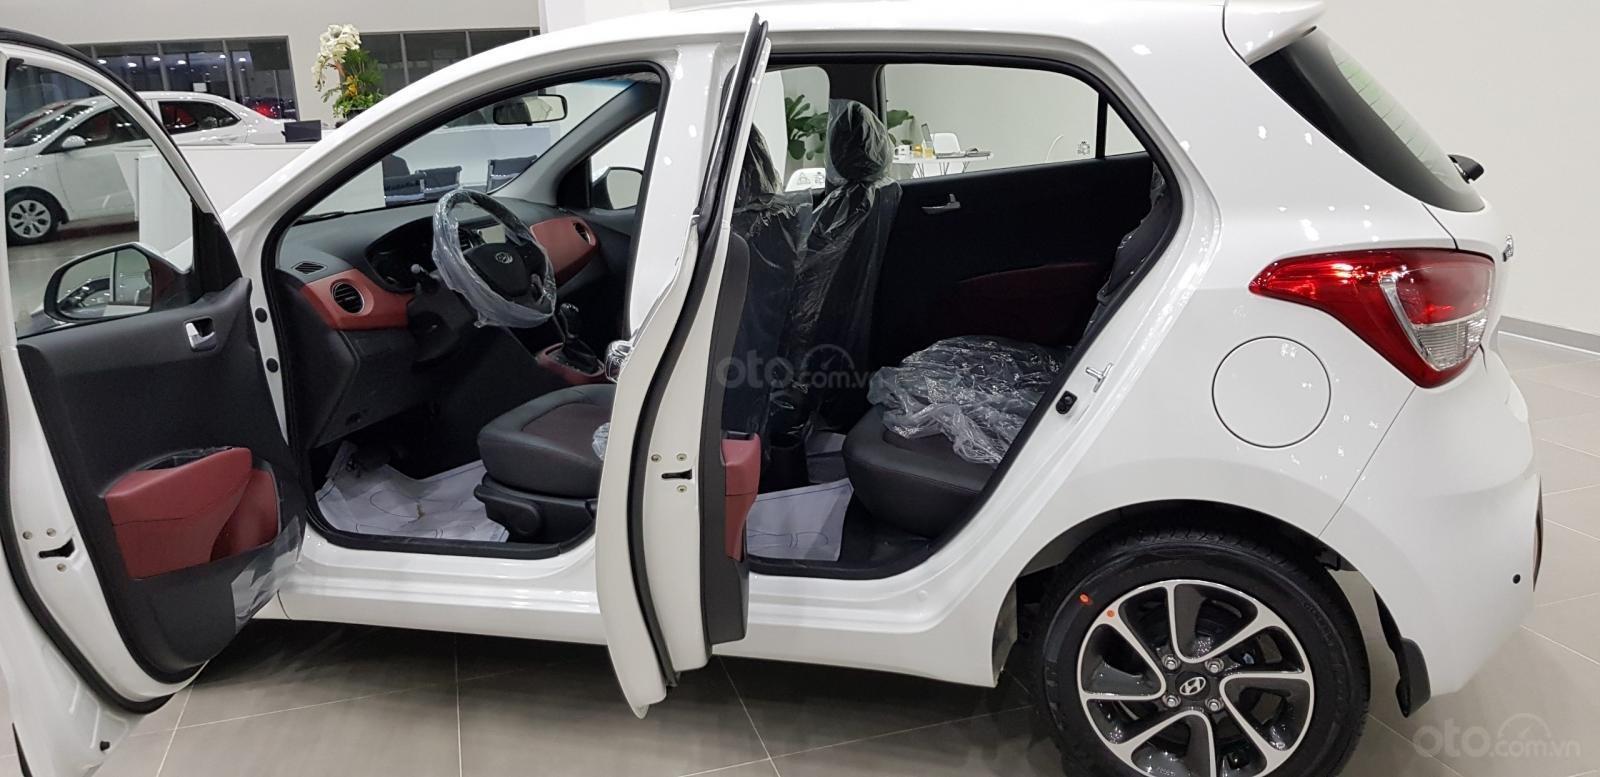 Bán Hyundai i10 hatchback, sản xuất 2019, có giao ngay, giá cạnh tranh, đủ màu, LH 0971626238 (7)